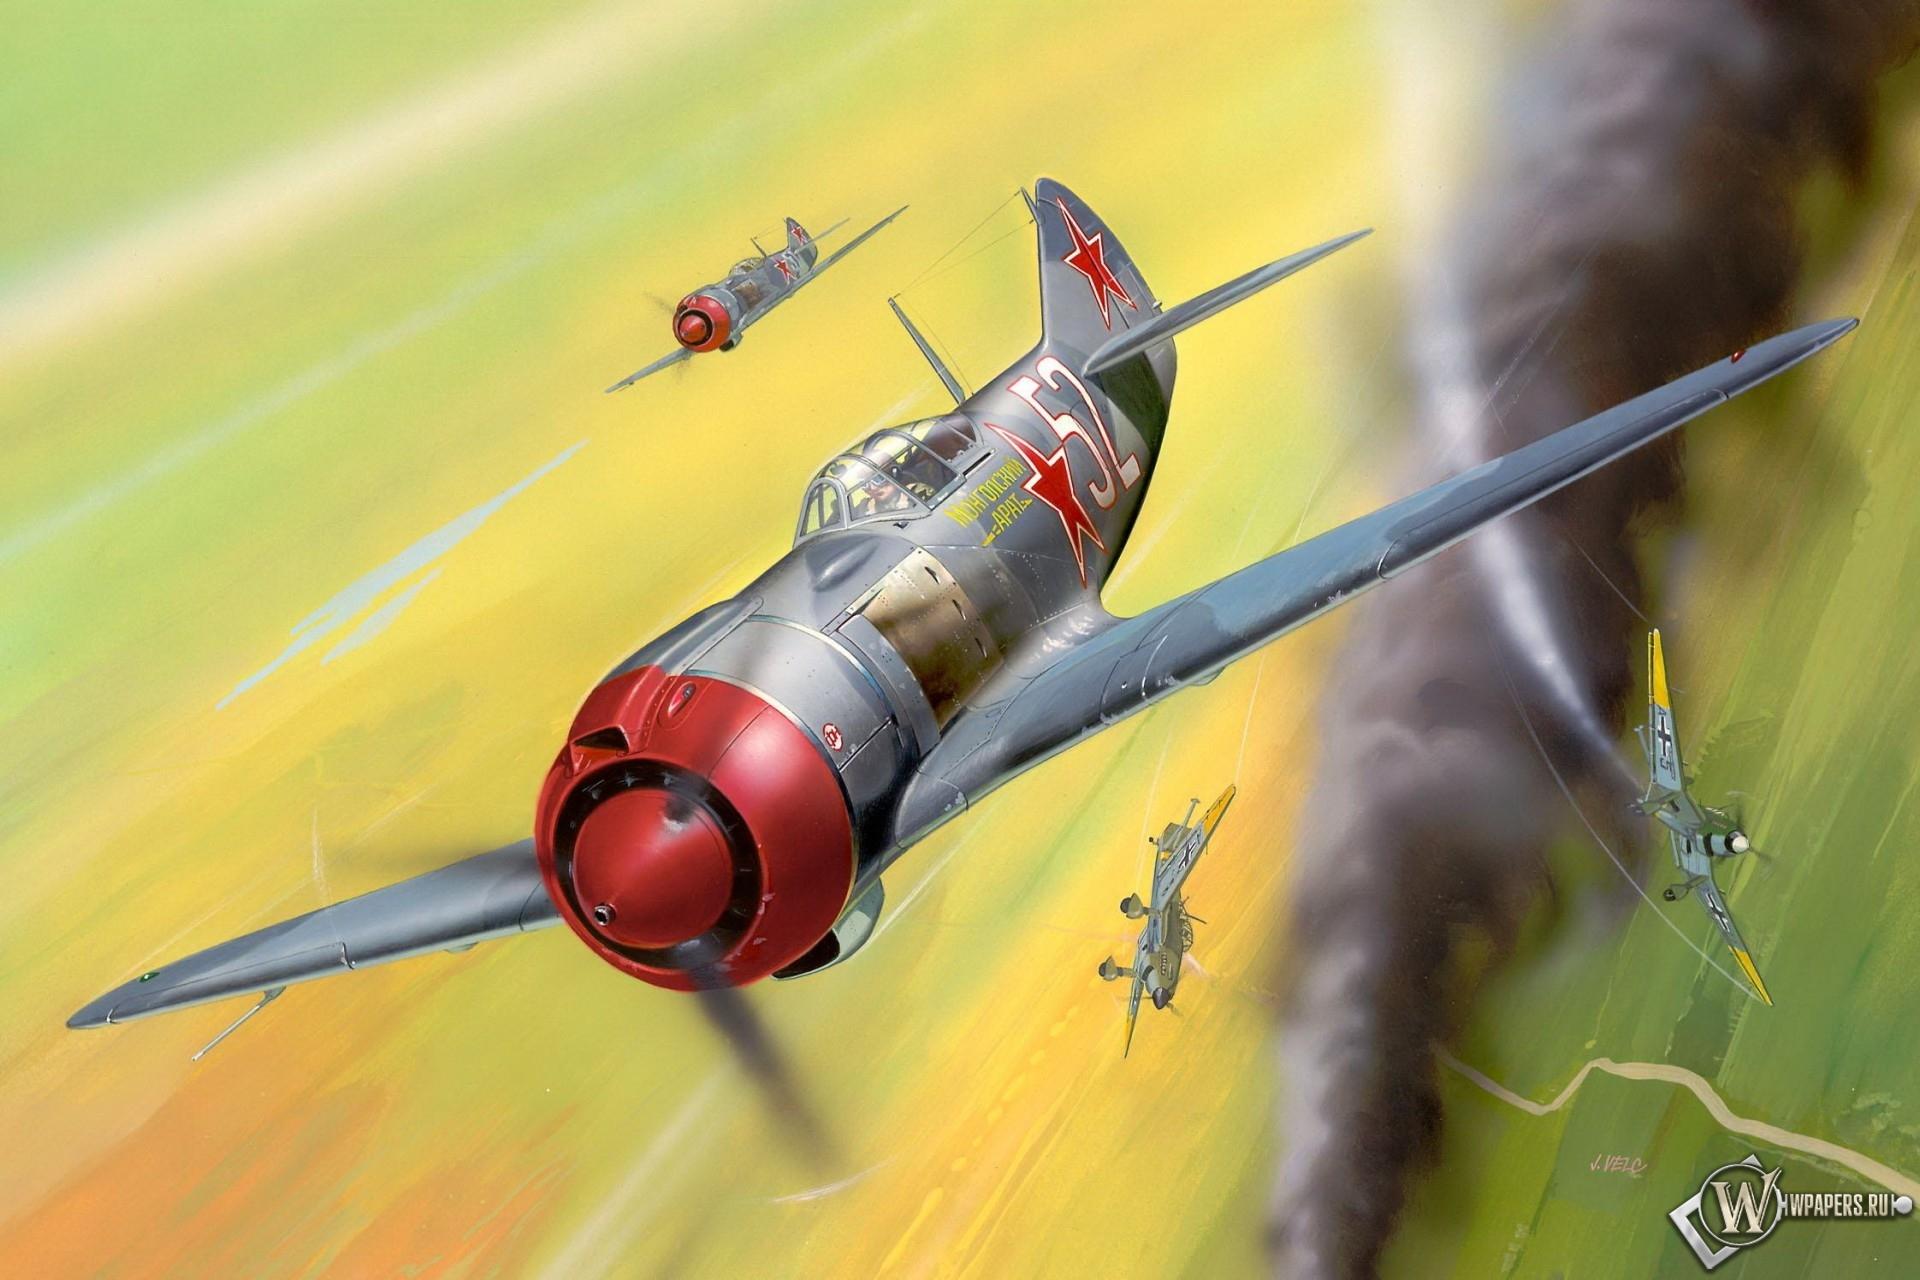 Истребитель Лавочкин Ла-5 1920x1280